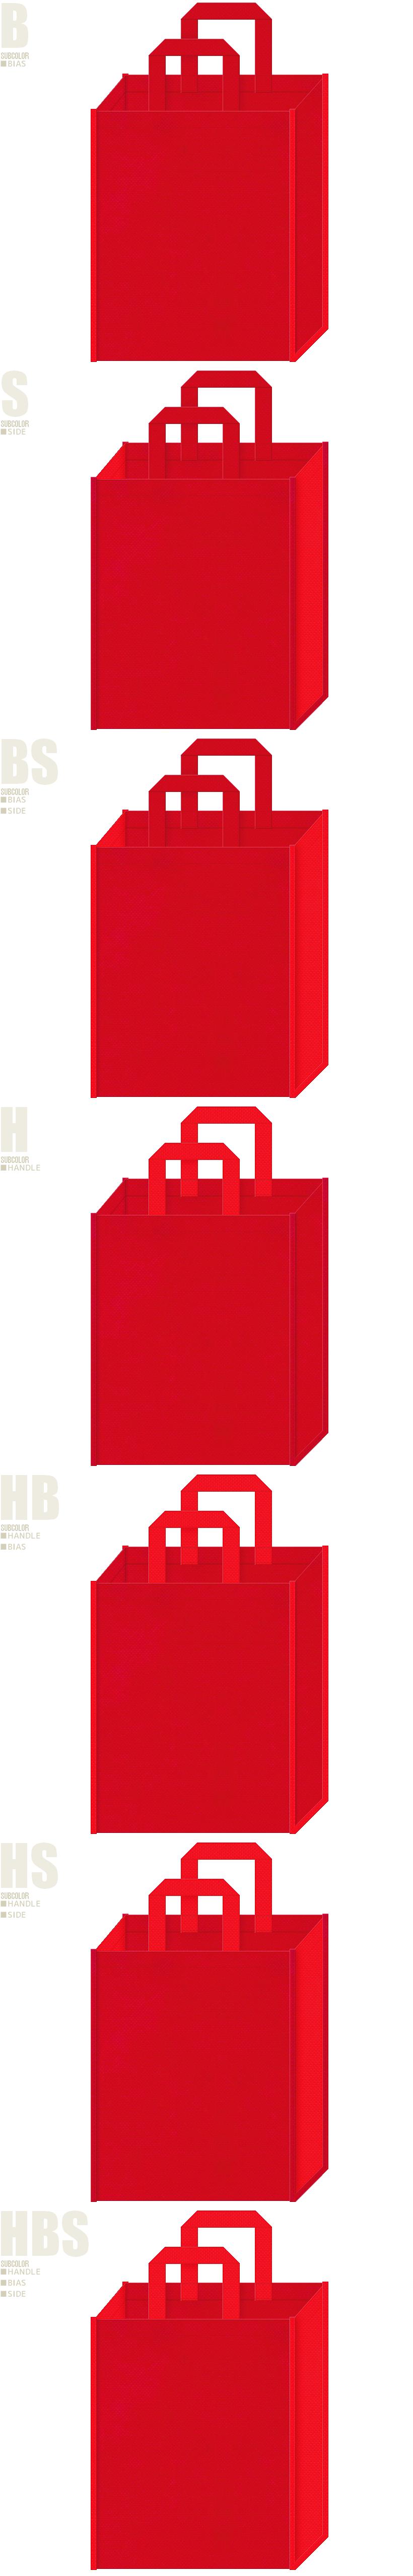 不織布バッグのデザイン:紅色と赤色の配色7パターン